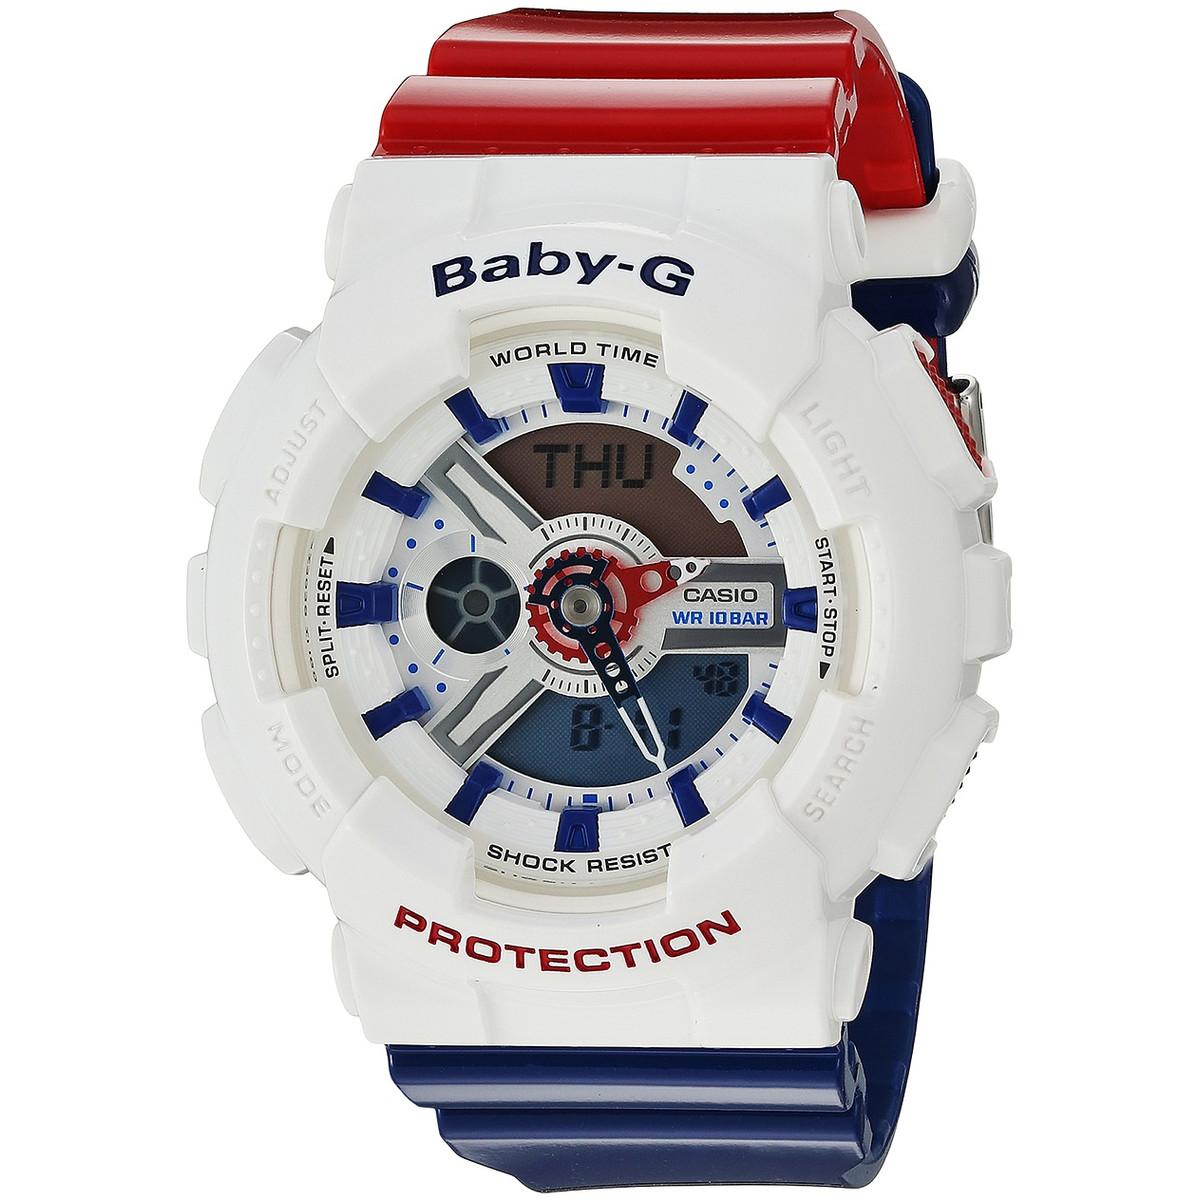 Ceas barbatesc Casio Baby-G BA-110TR-7AER de mana original